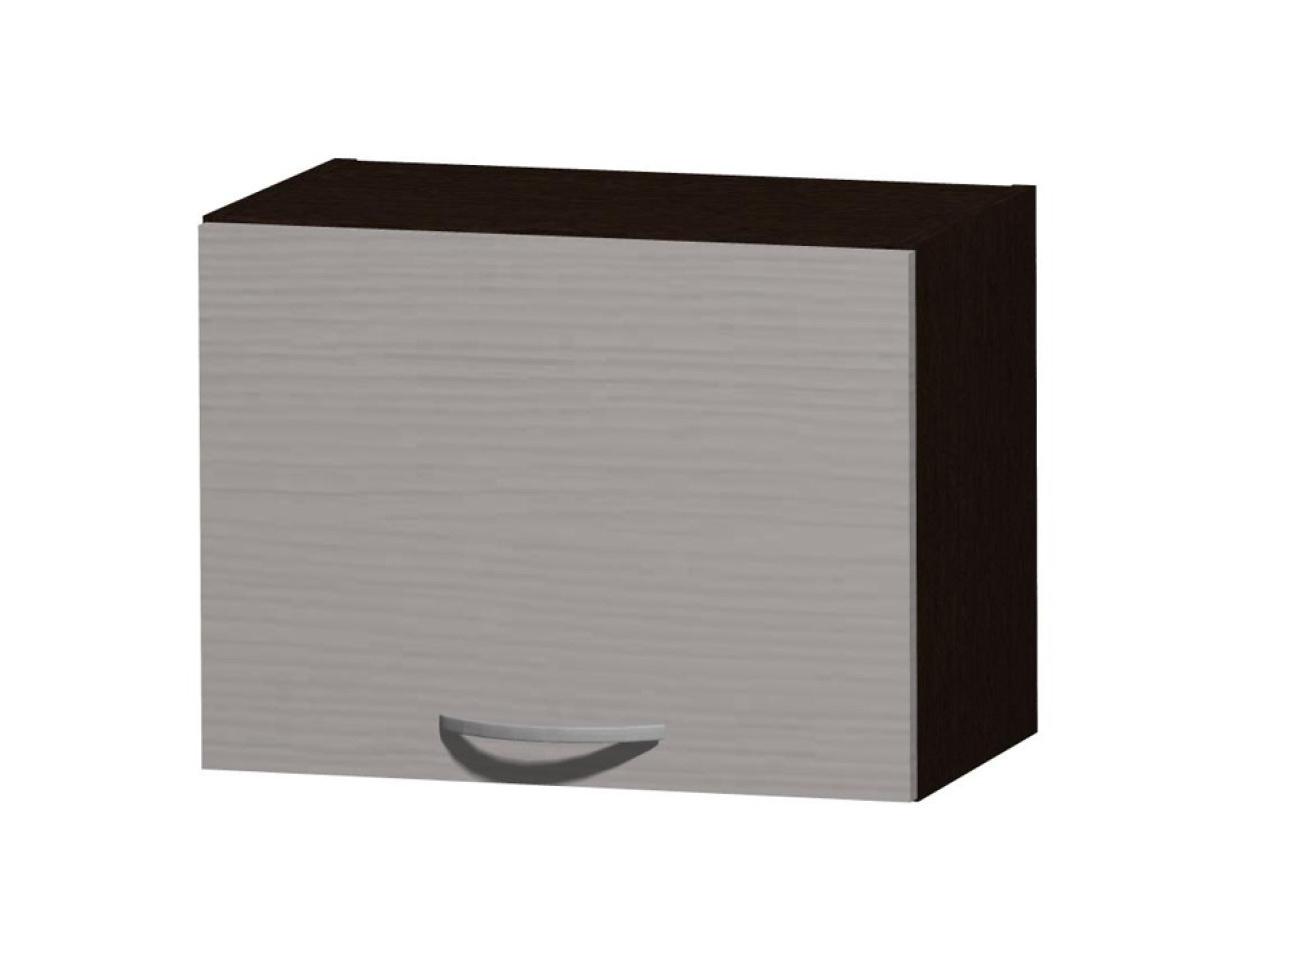 NELA horní skříňka H 50 N, korpus dub tmavý/dvířka woodline creme